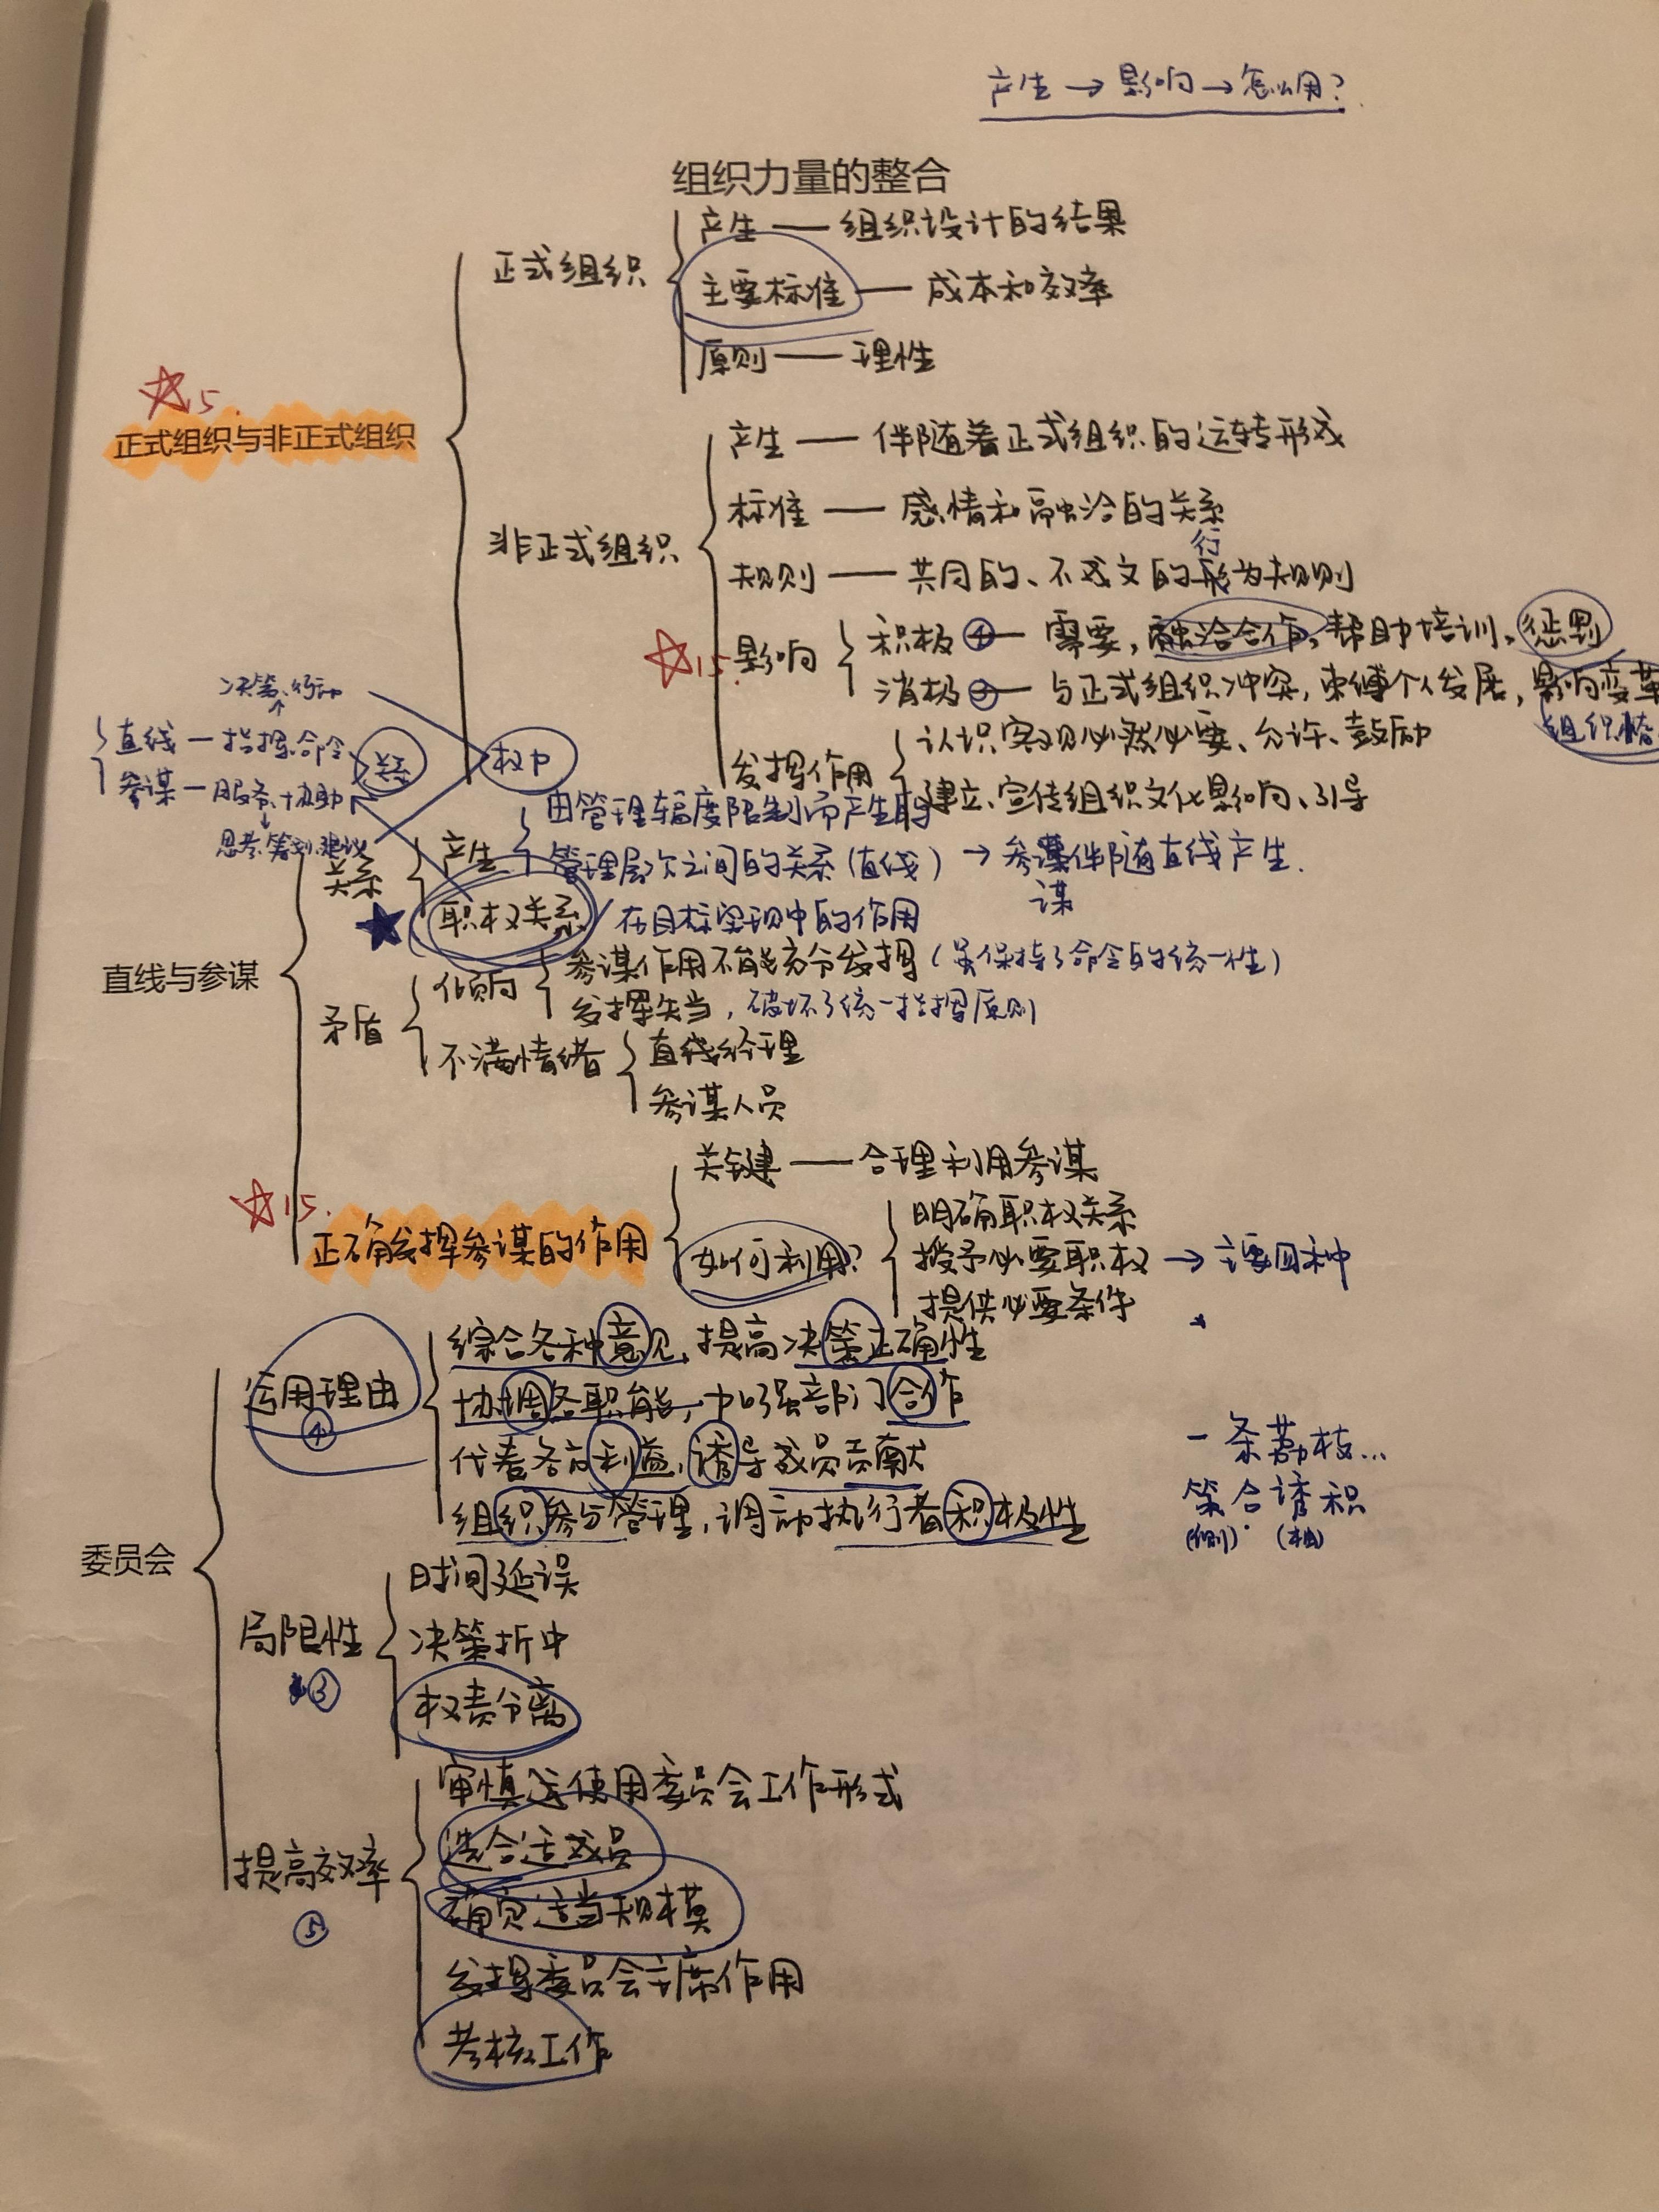 周三多管理学第三版_考研狗如何复习周三多管理学原理第六版? - 知乎